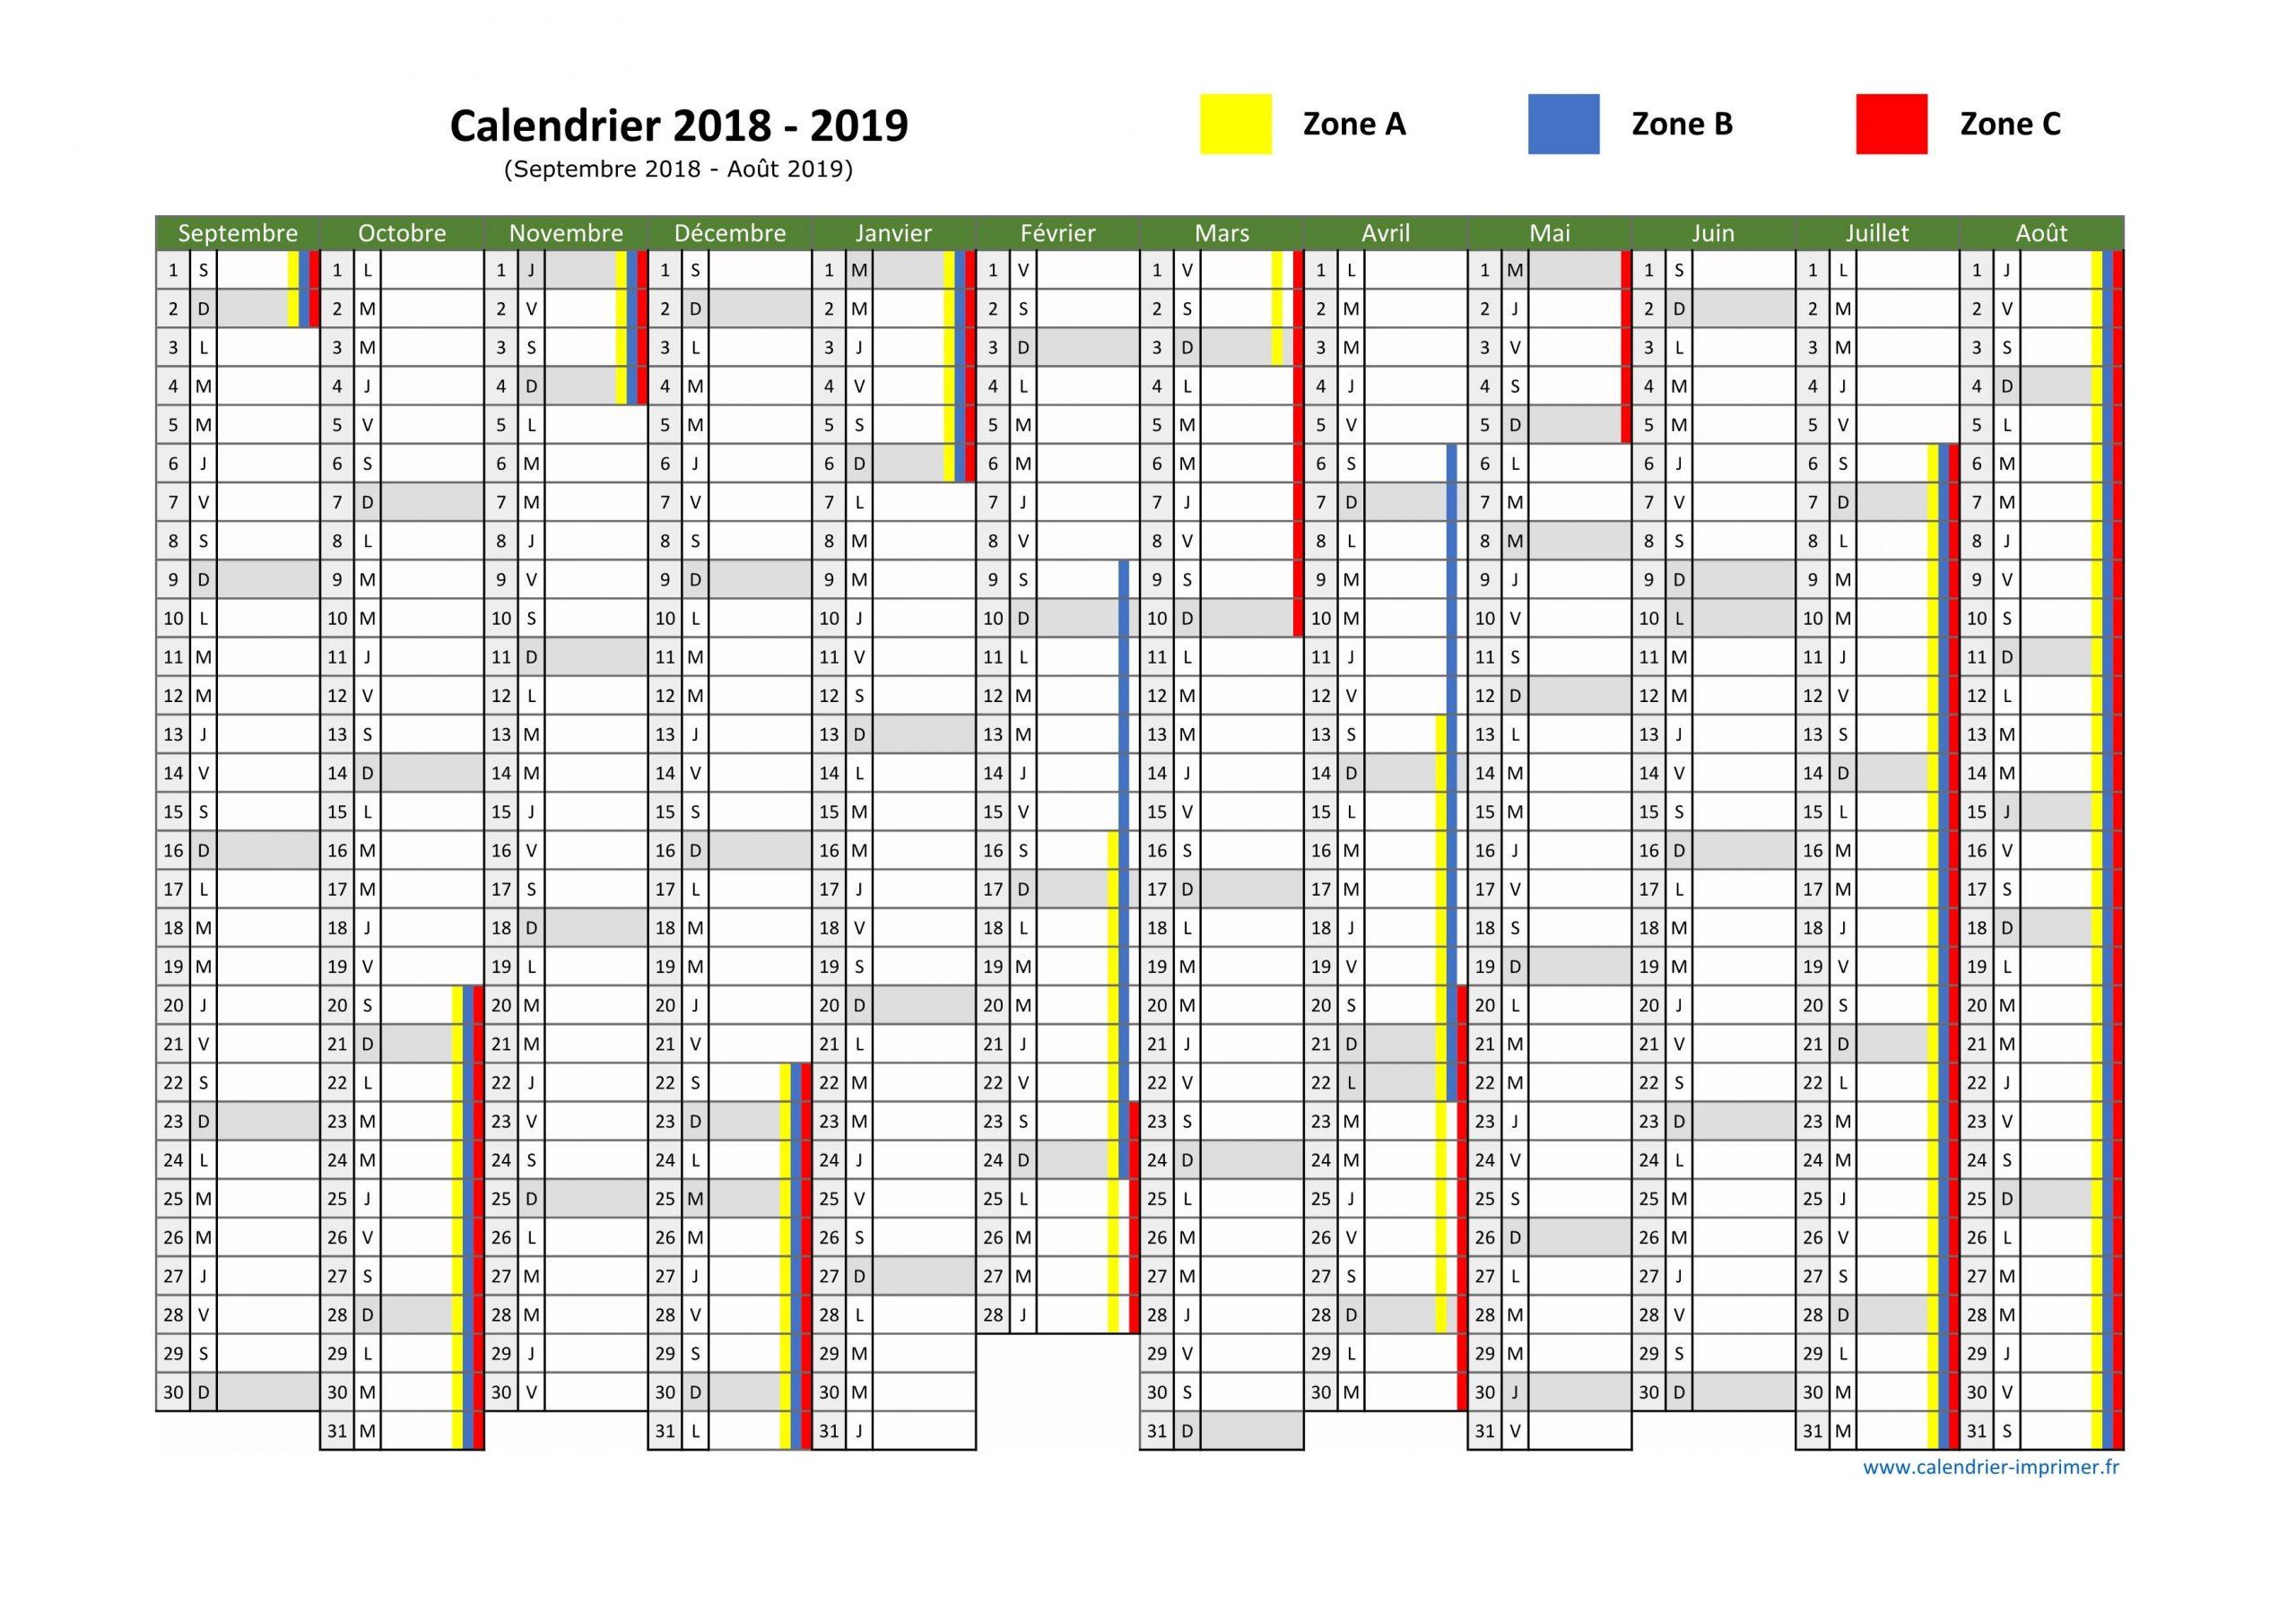 Vacances Scolaires 2018 2019 encequiconcerne Calendrier Annuel 2018 À Imprimer